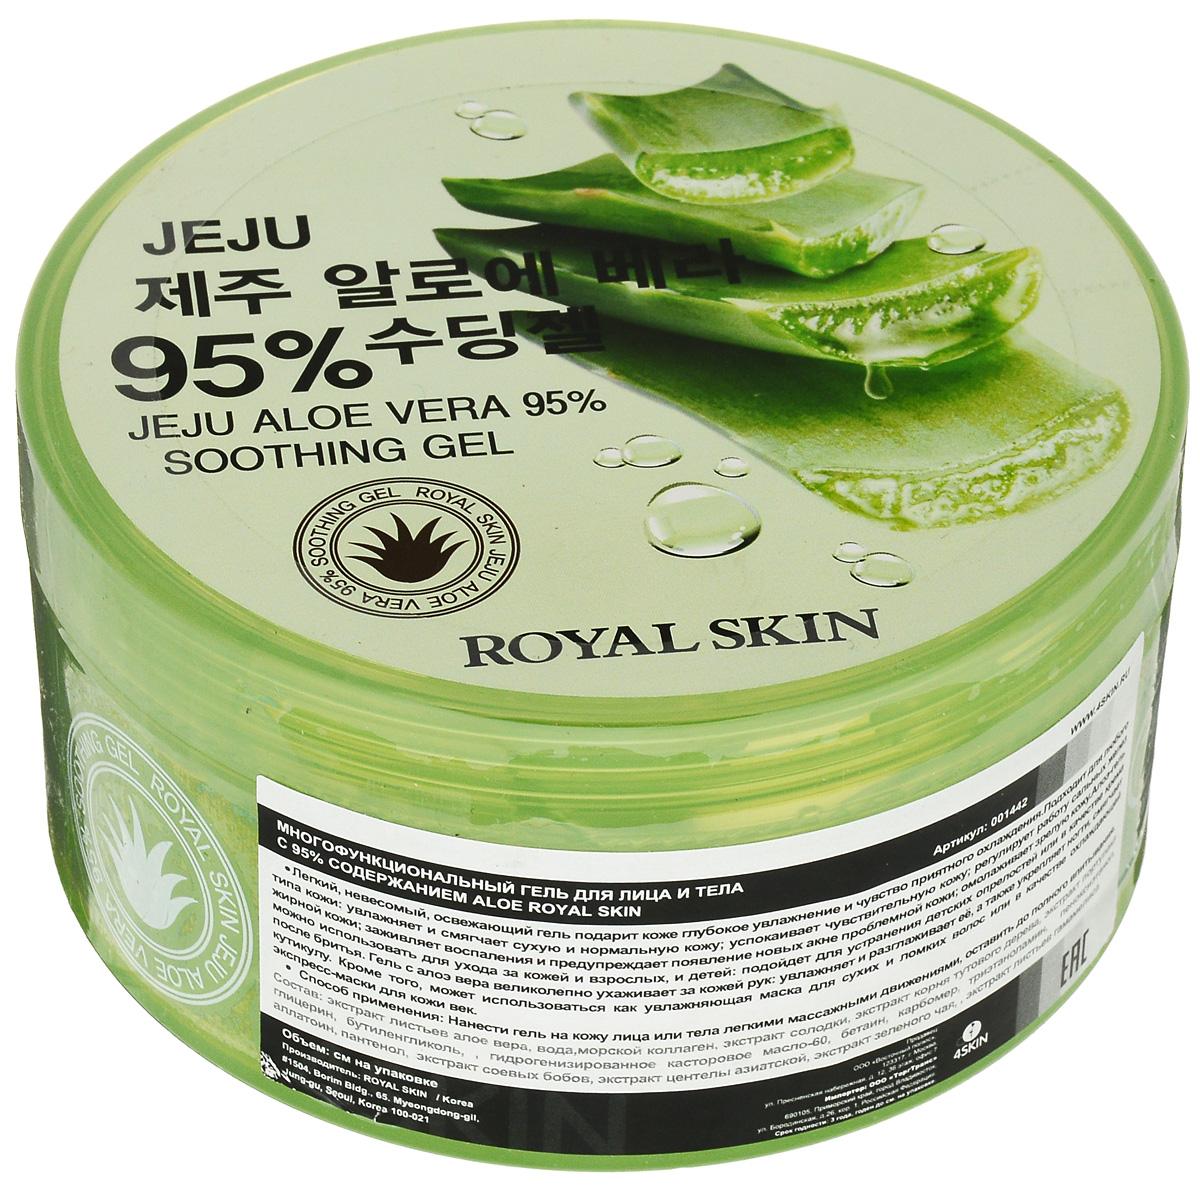 Royal Skin Многофункциональный гель для лица и тела с 95% содержанием Aloe, 300 мл